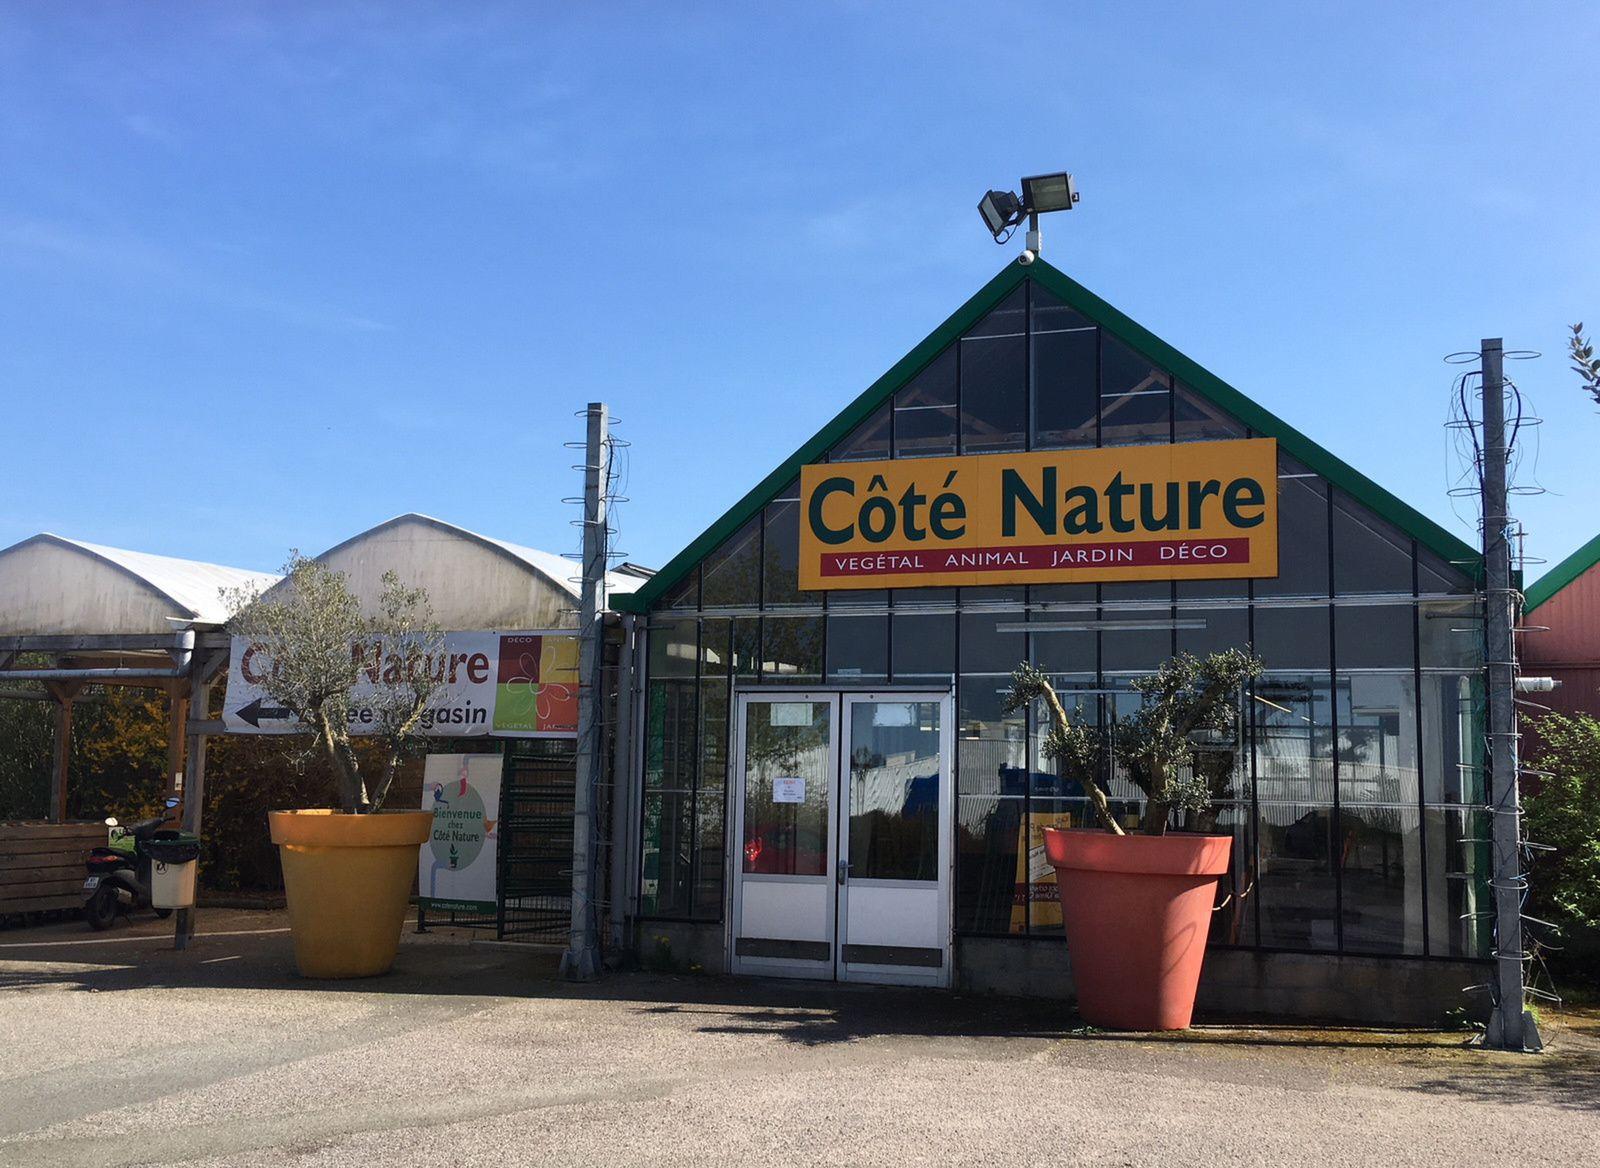 COTE NATURE DREUX